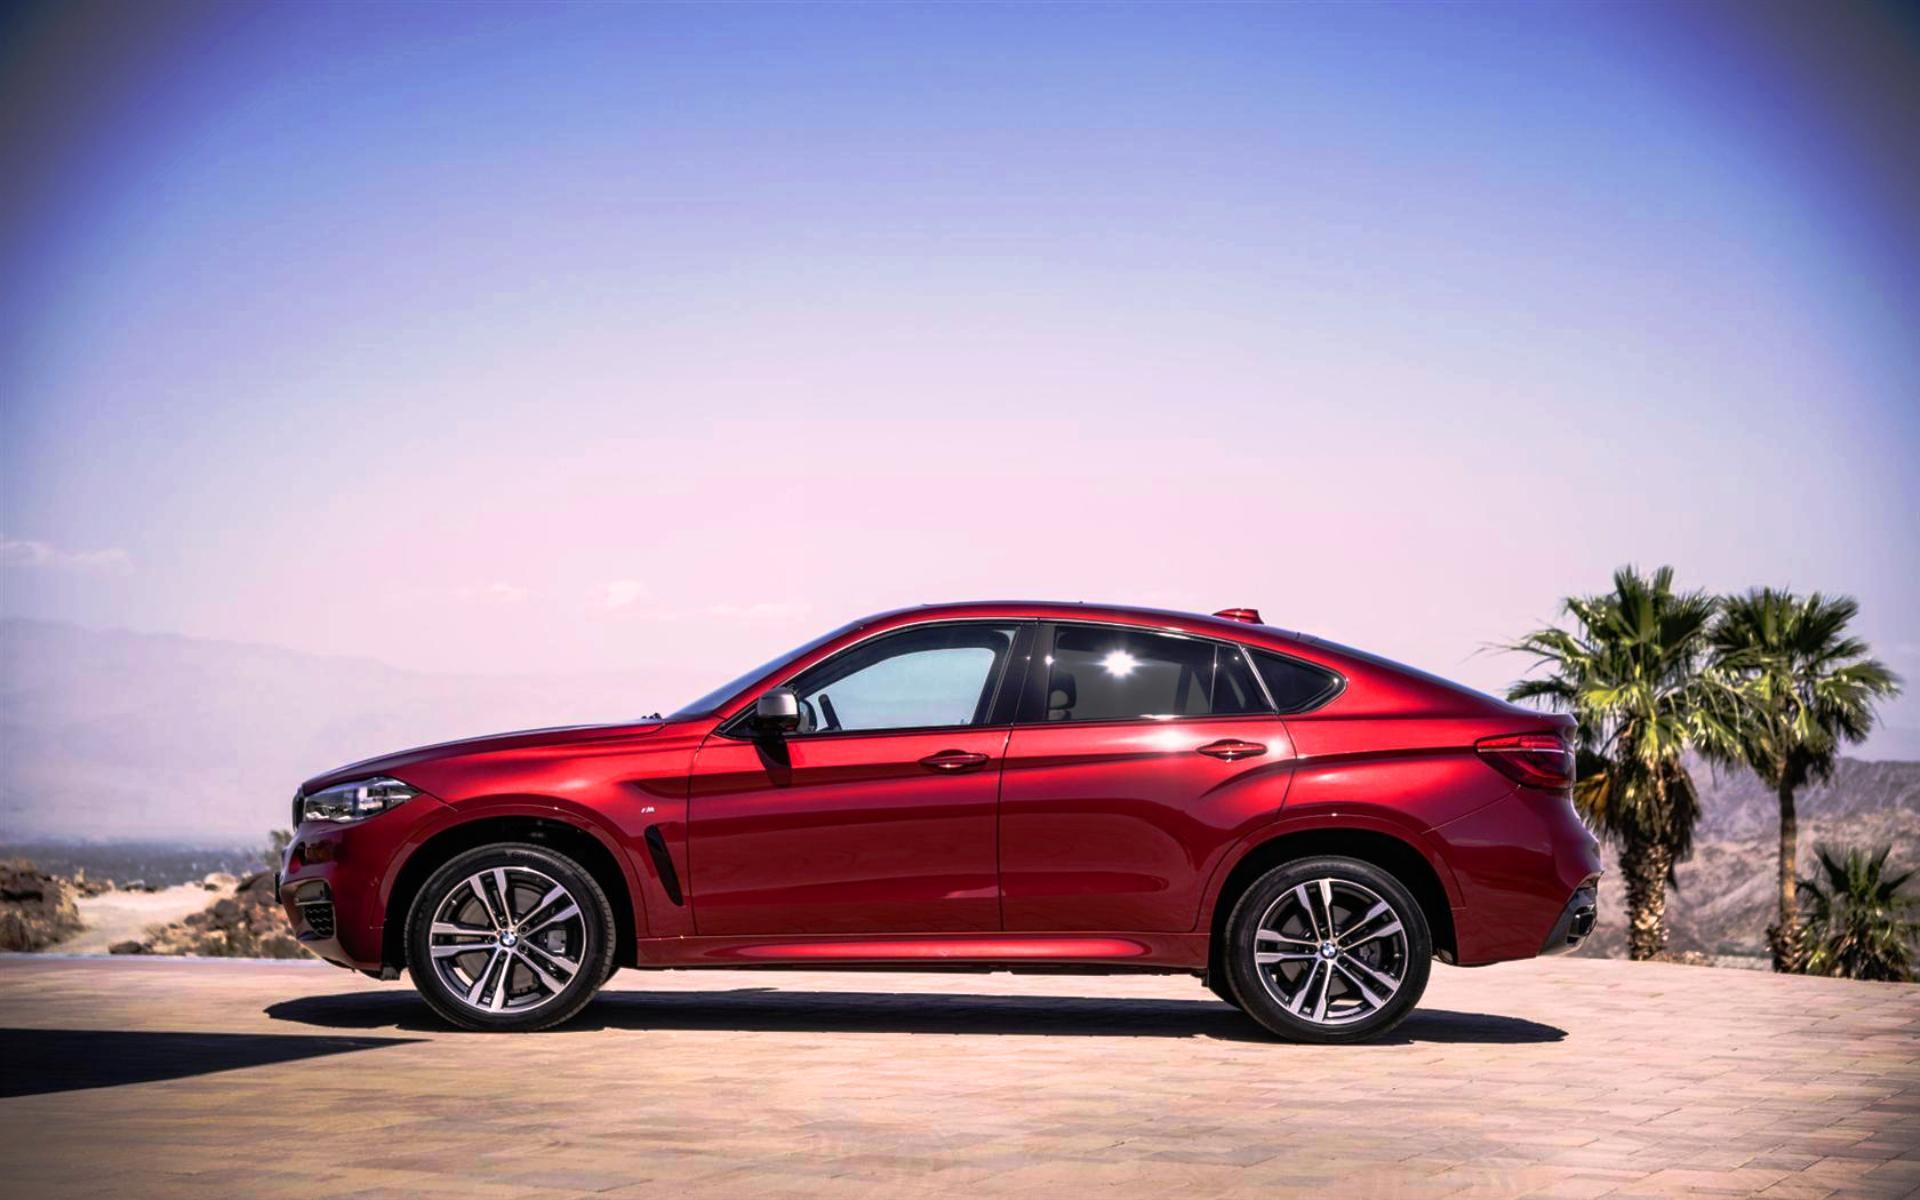 Картинка BMW X6 SUV » BMW   БМВ » Автомобили » Картинки 24 ...